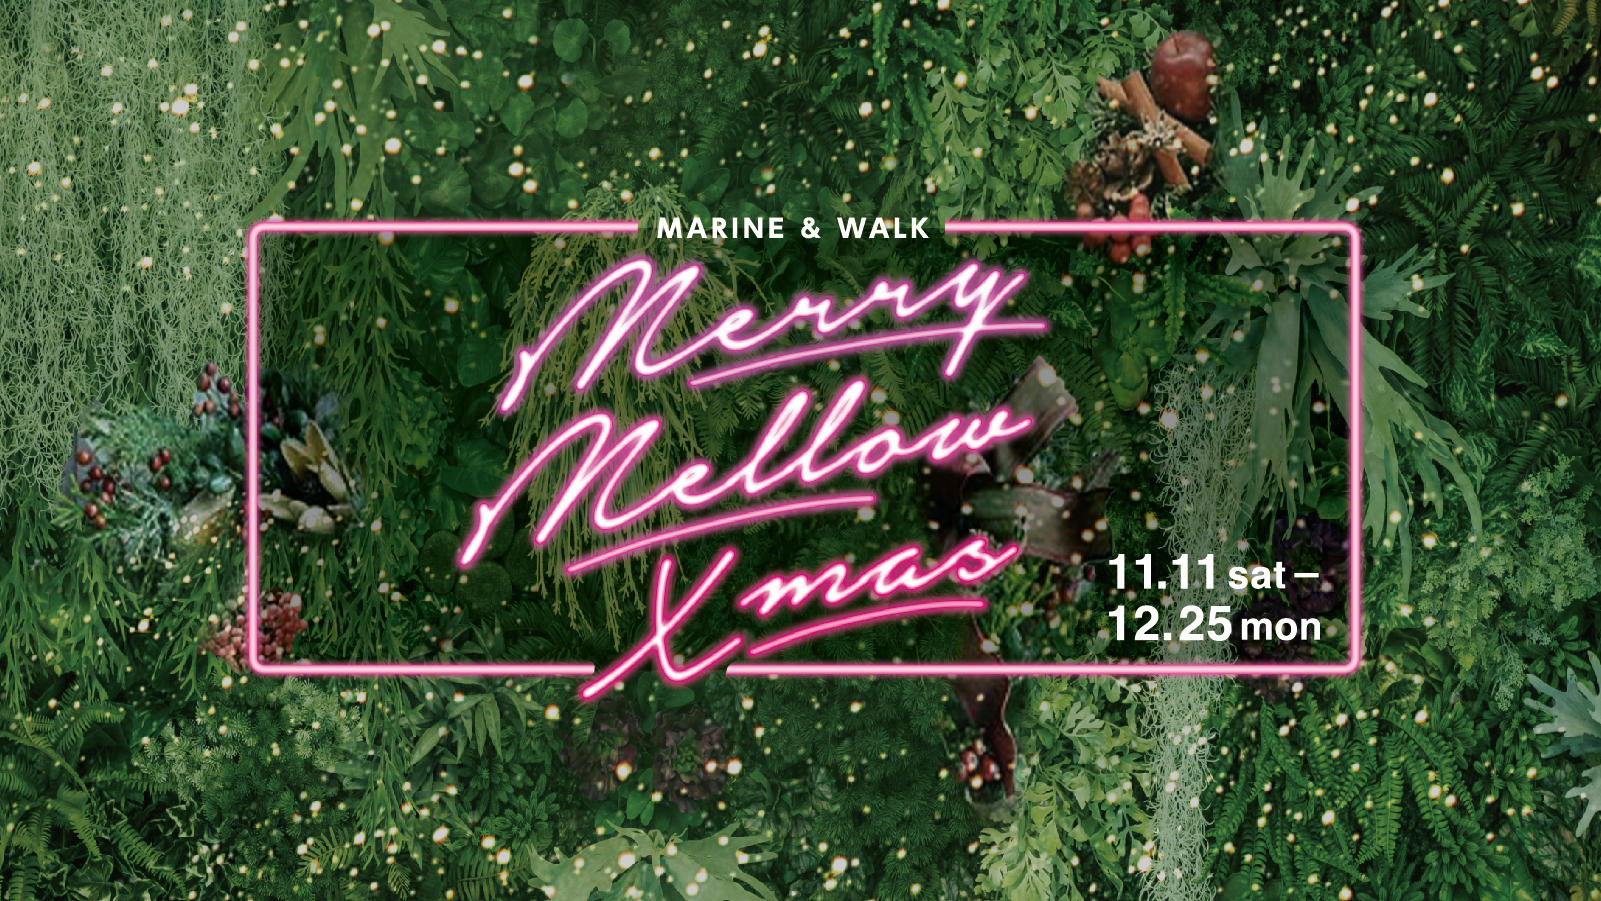 Merry Mellow Xmas 11.11sat-12.25mon